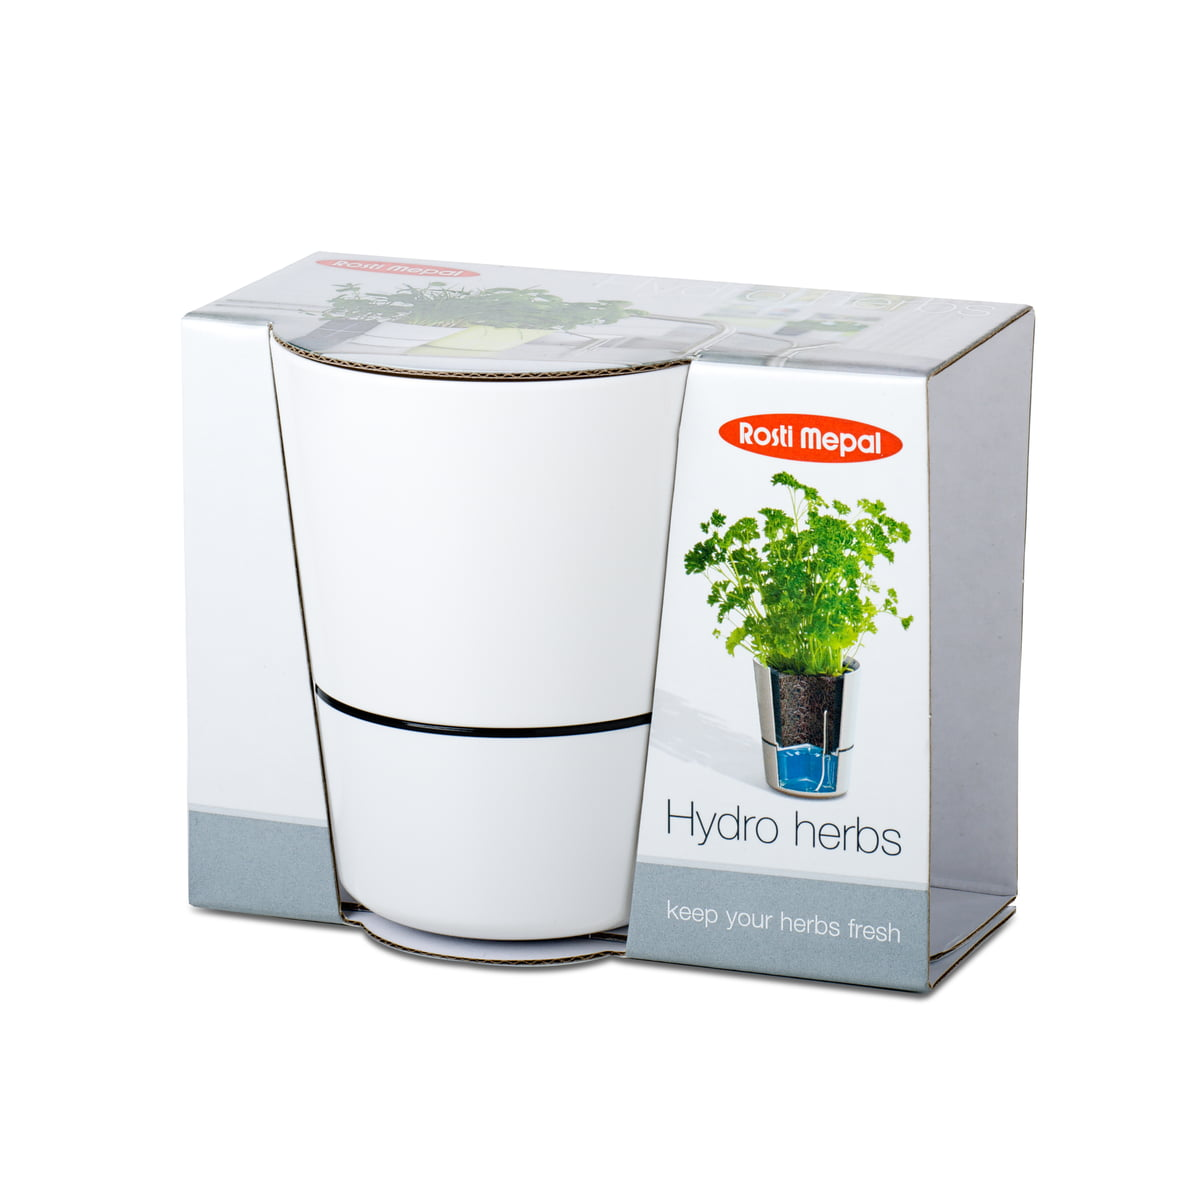 Rosti Mepal - Hydro Kräutertopf, groß, weiß   Garten > Pflanzen > Blumentöpfe   Weiß   Melamin   Rosti Mepal